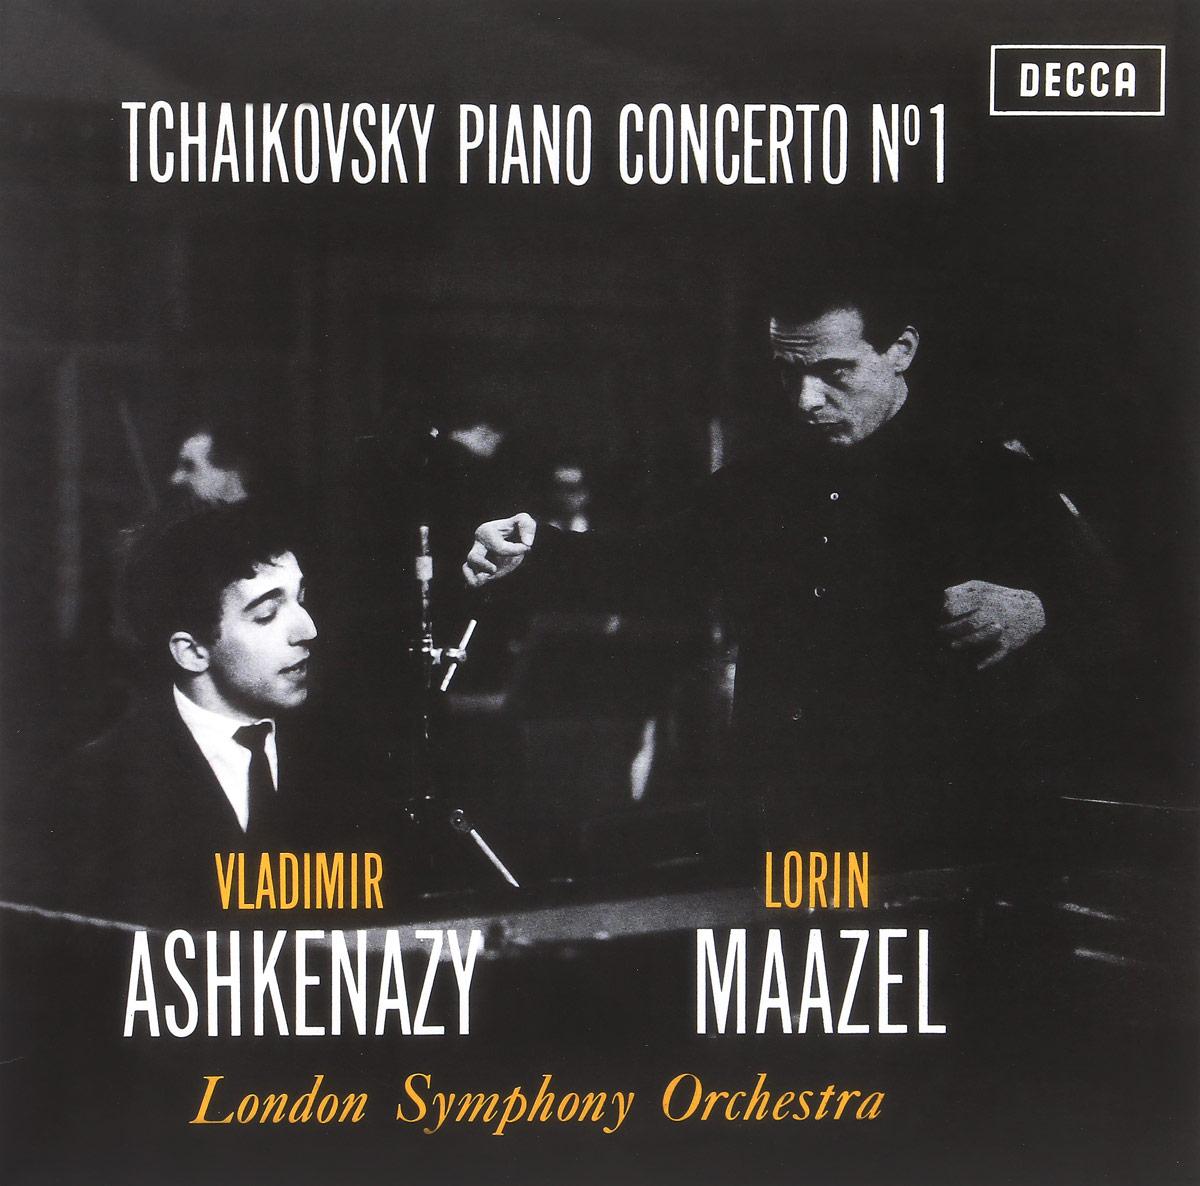 где купить Ashkenazy, Vladimir Tchaikovsky: Piano Concerto No.1 (LP) по лучшей цене